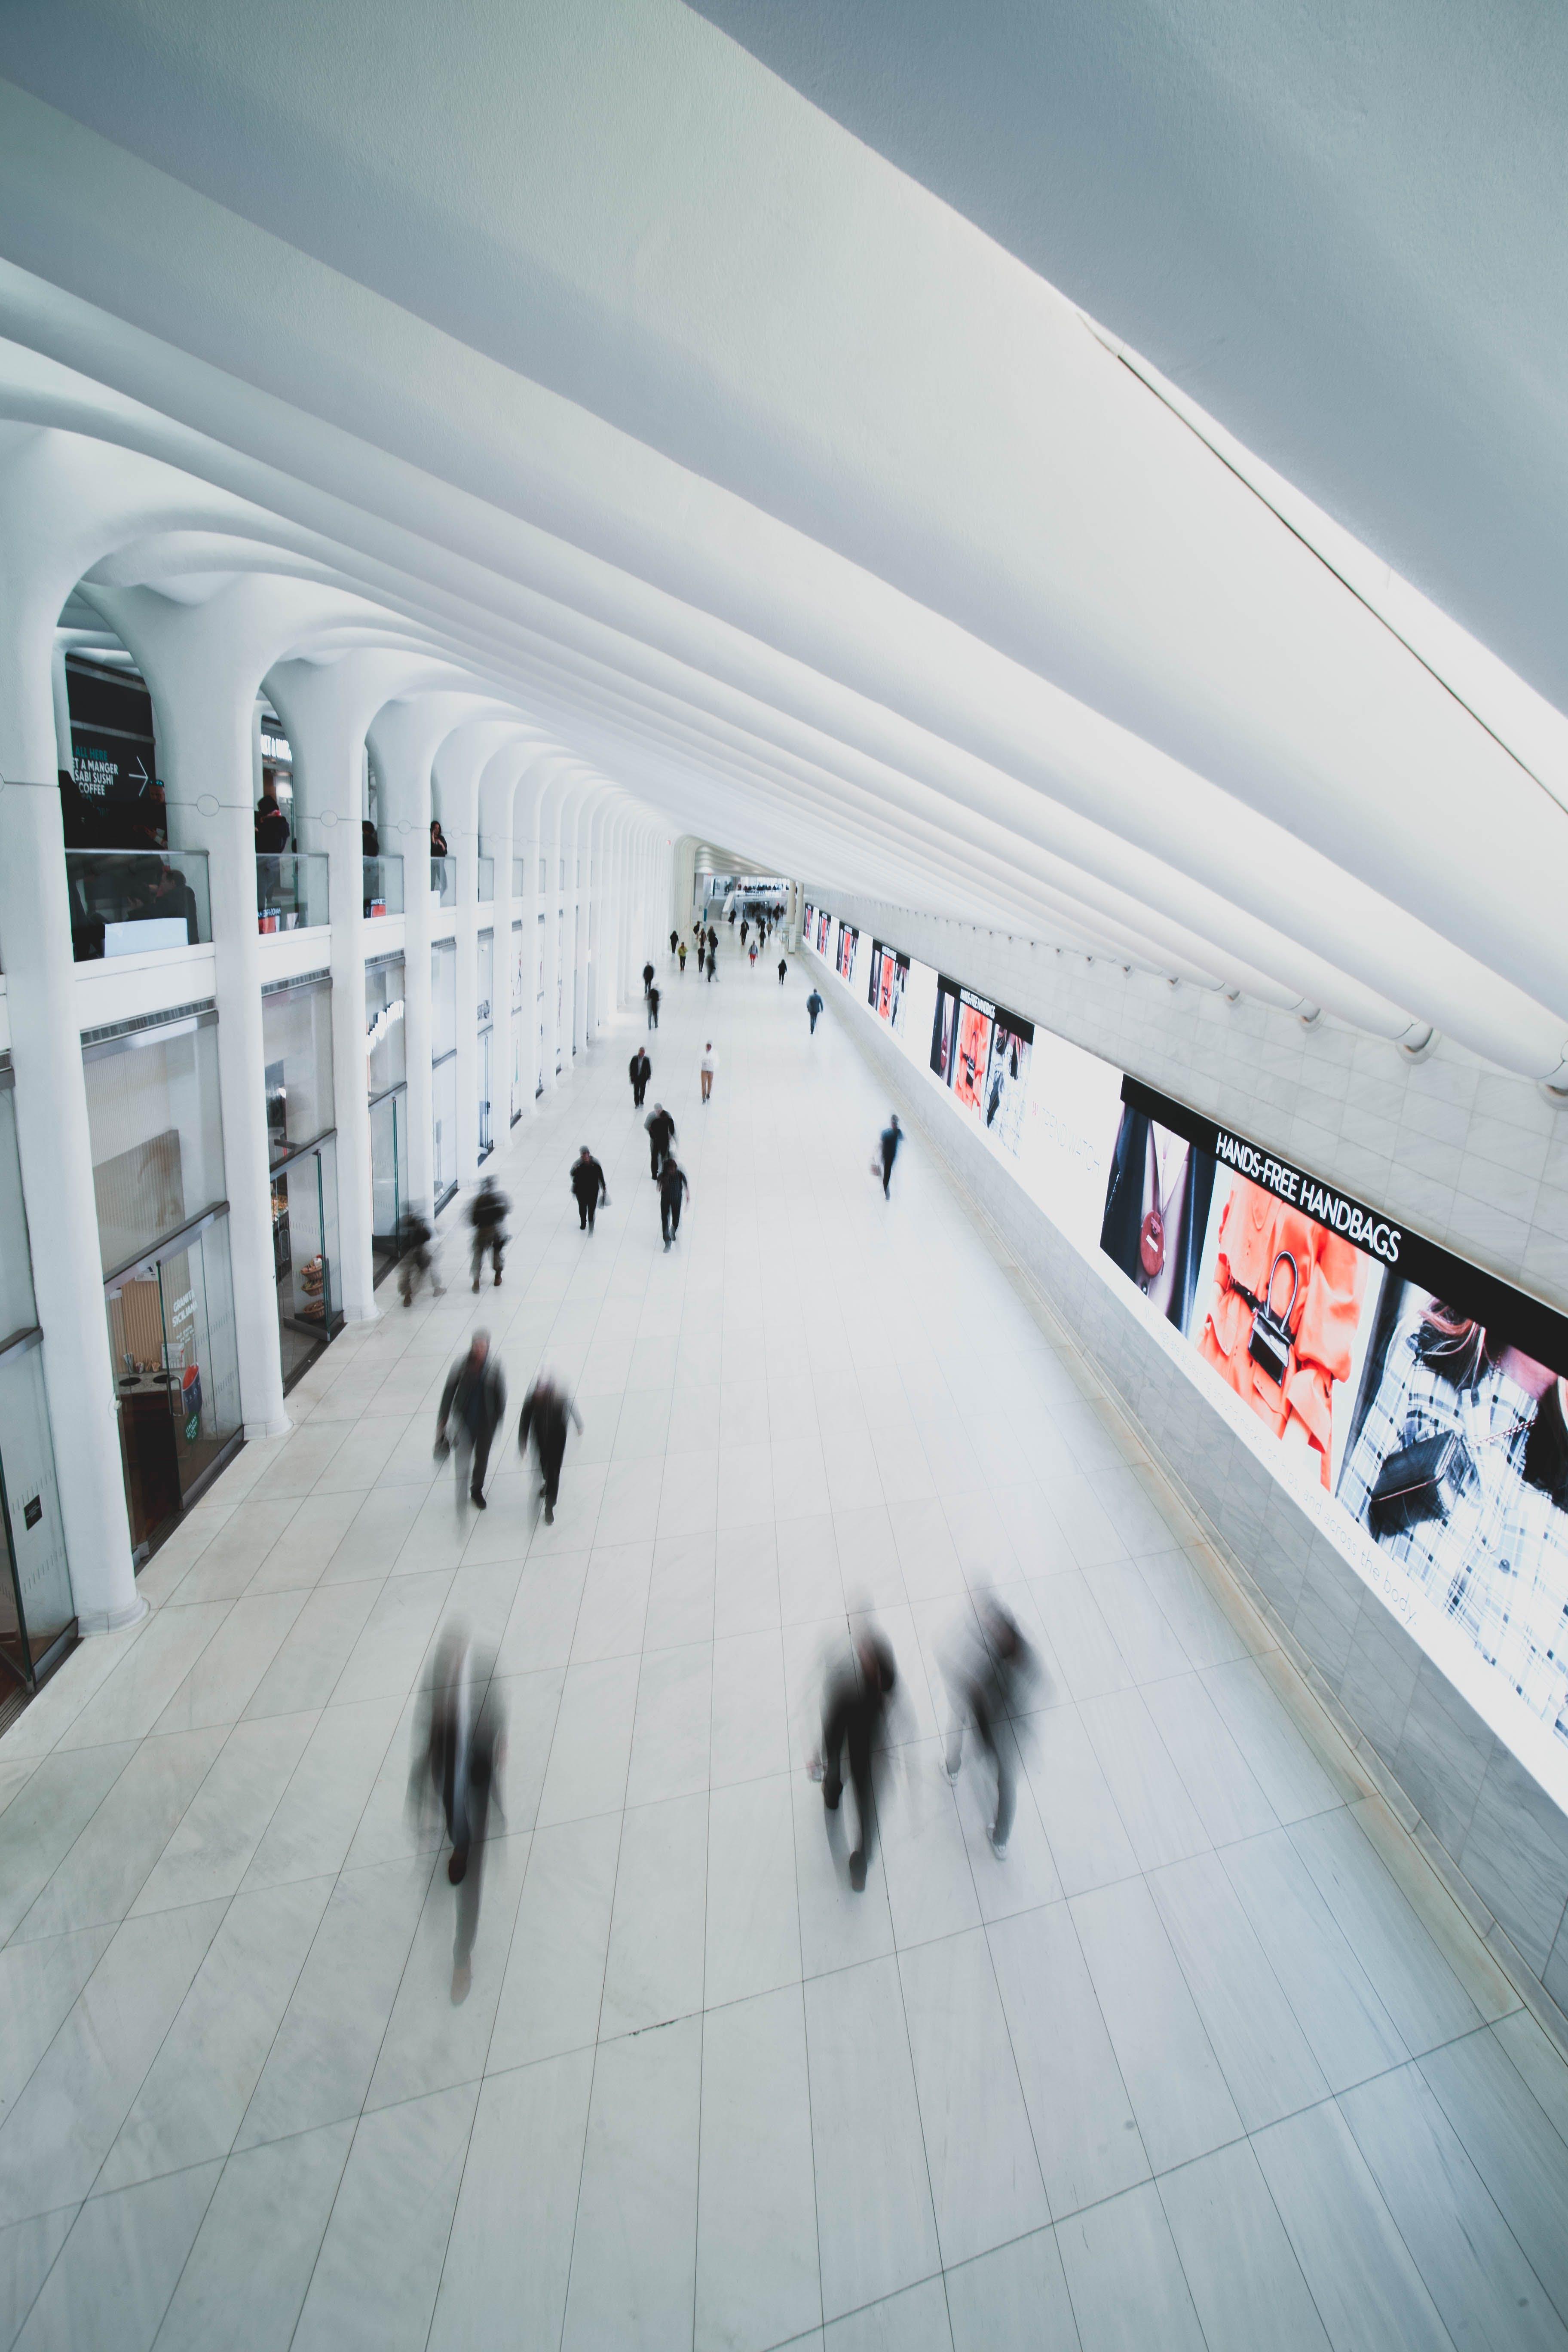 Безкоштовне стокове фото на тему «Windows, інтер'єр, архітектура, архітектурне проектування»